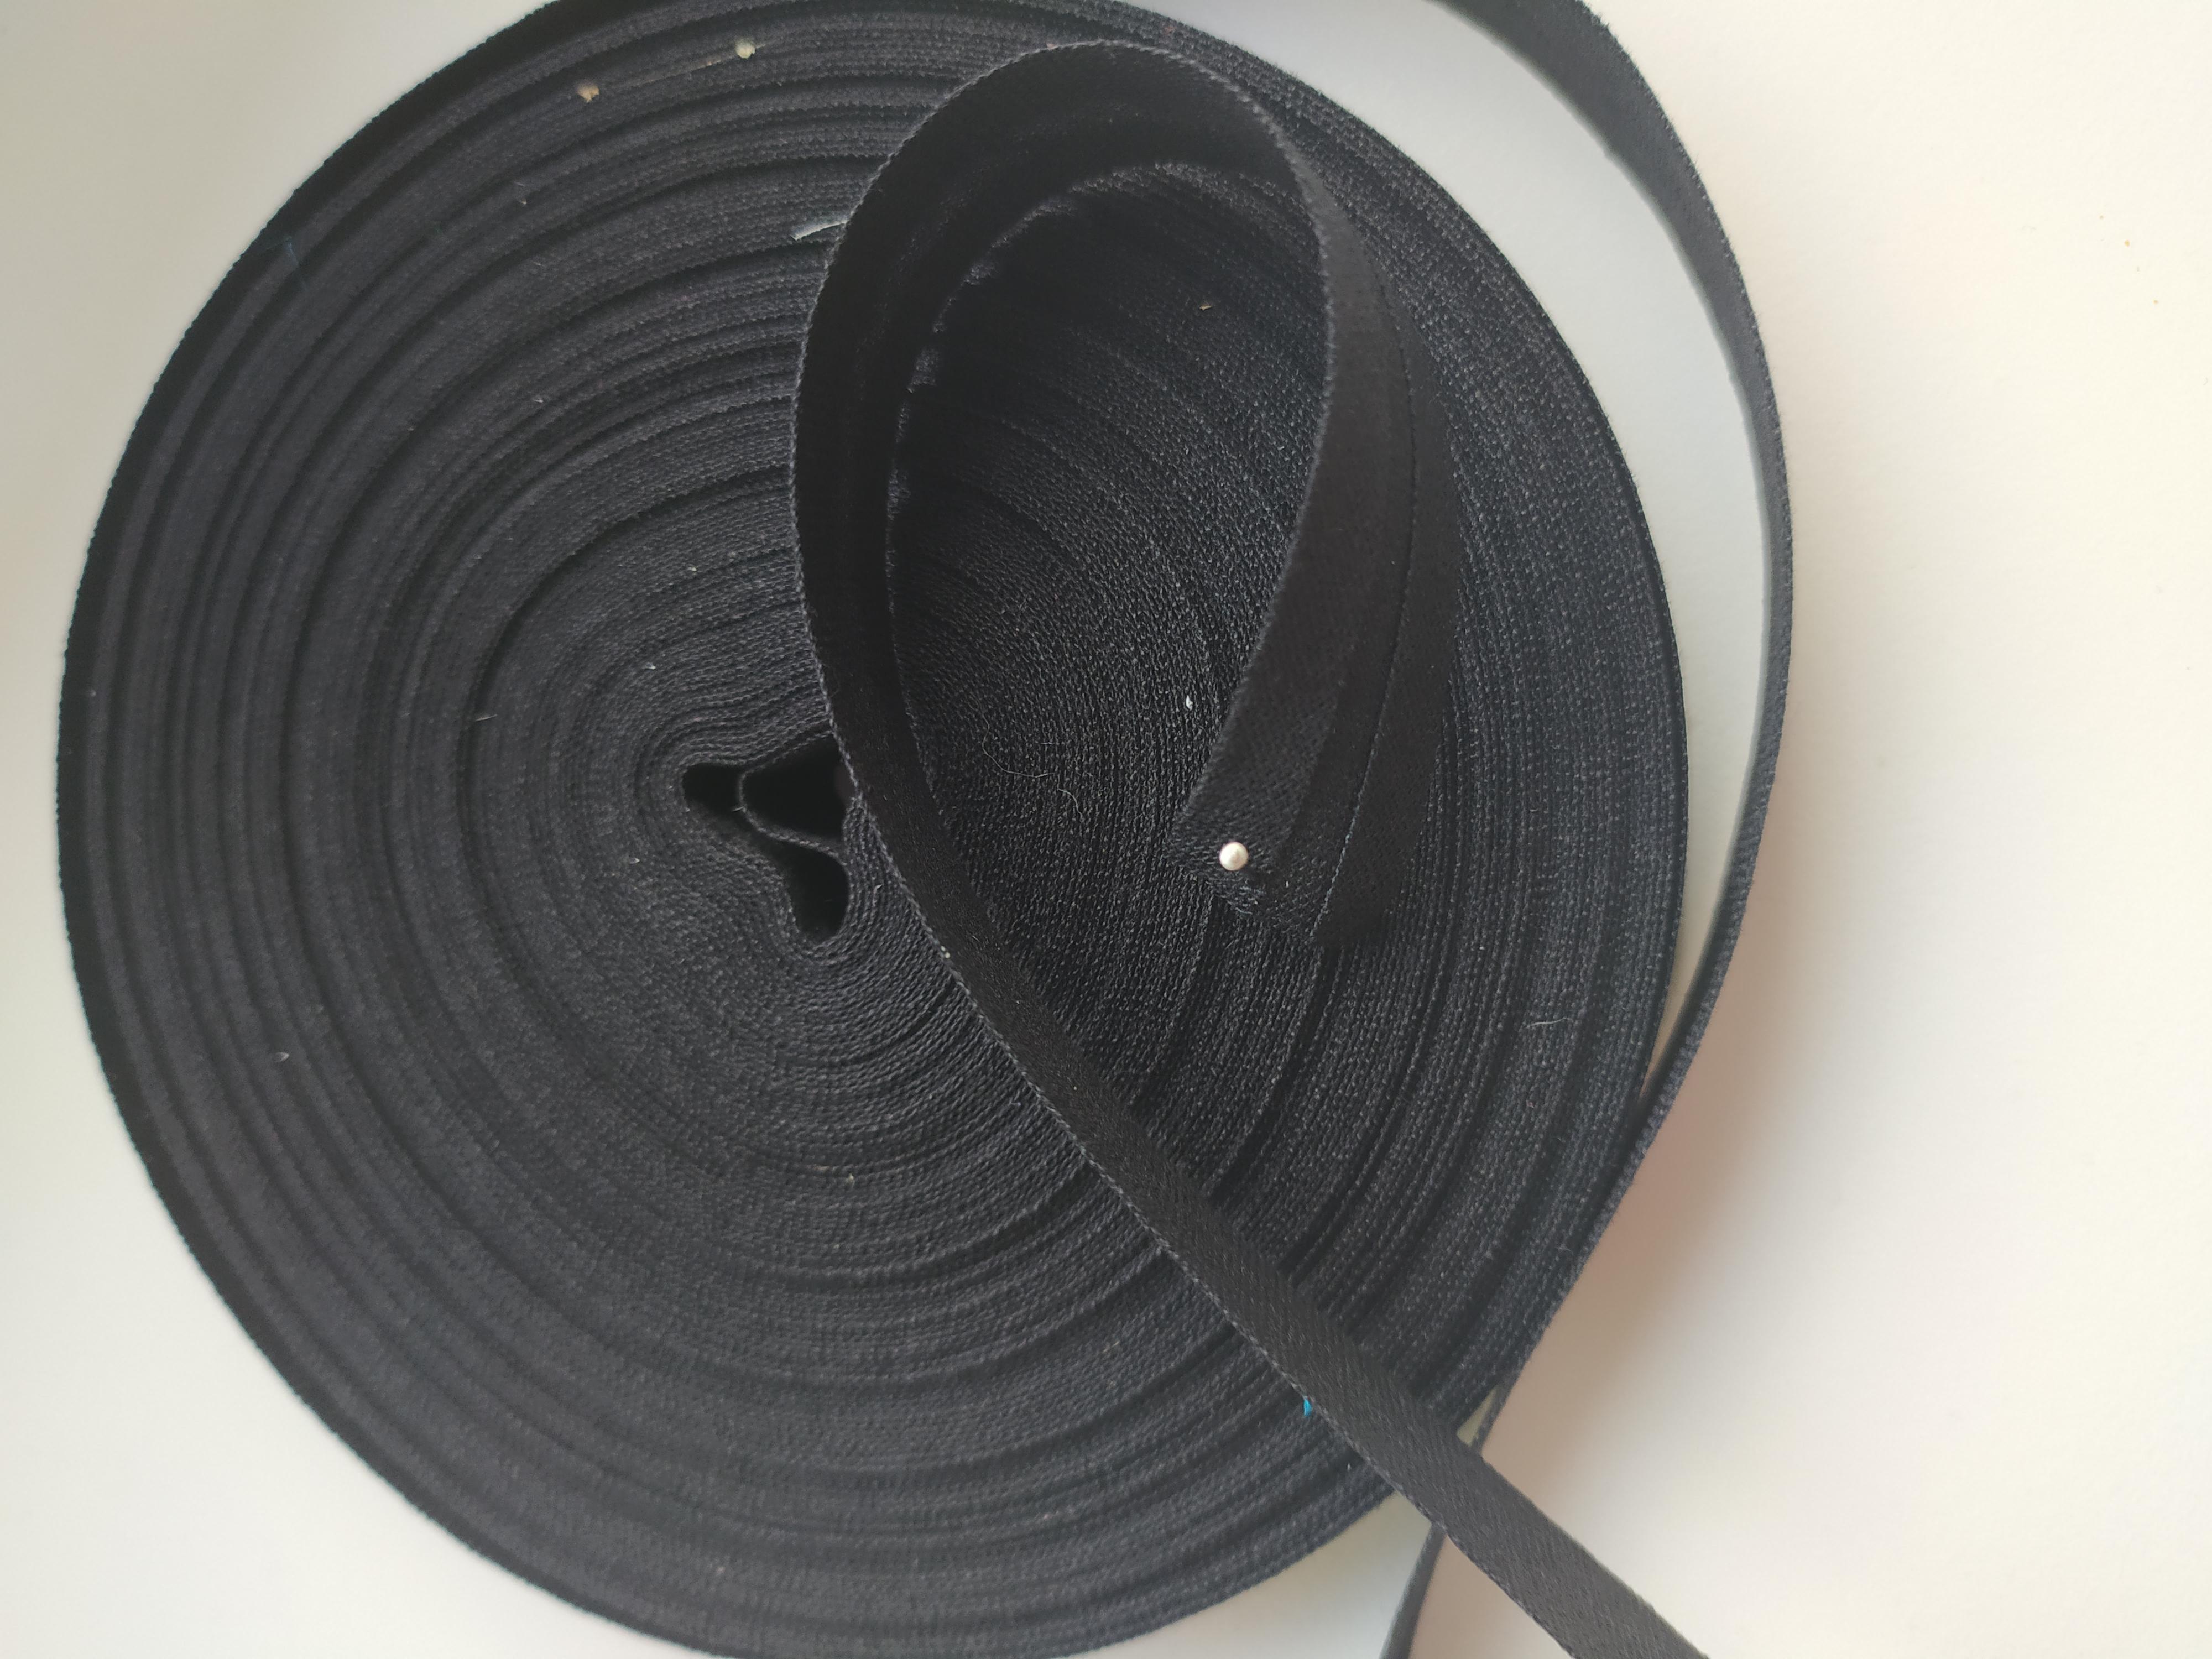 Šikmý proužek 14 mm bavlněný založený černý